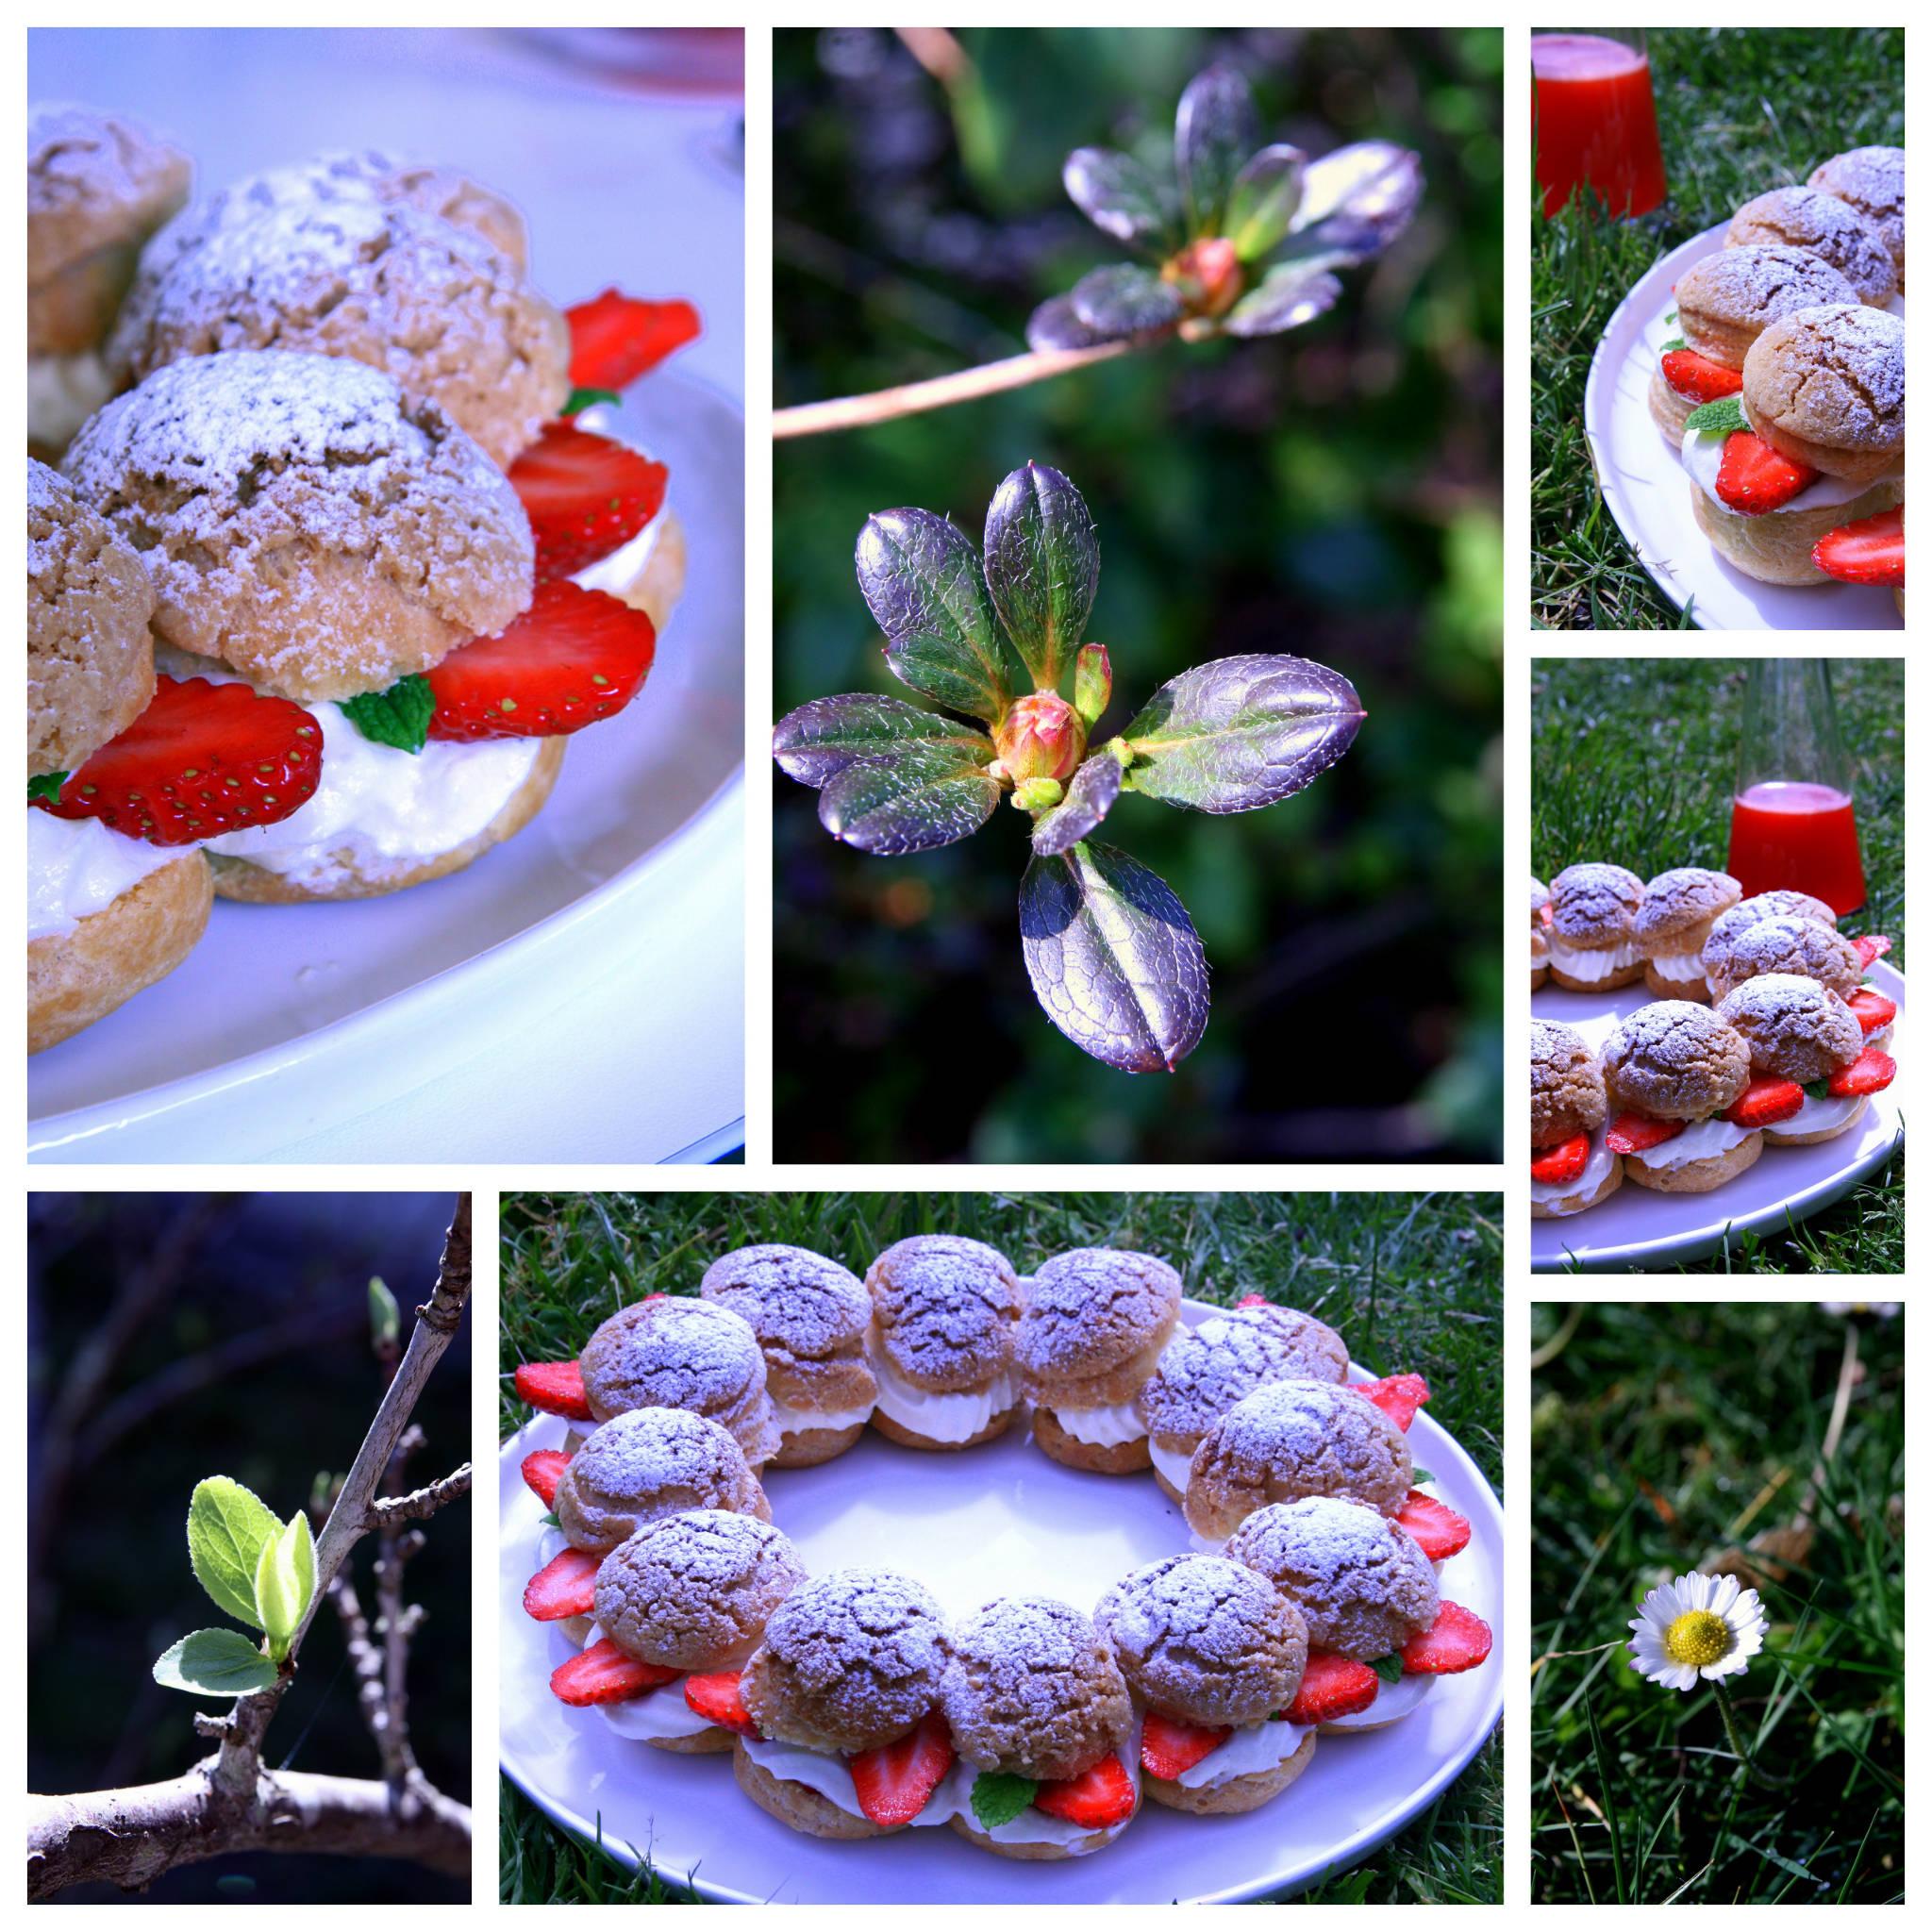 Couronne de choux aux fraises et chocolat blanc, eau de fraise